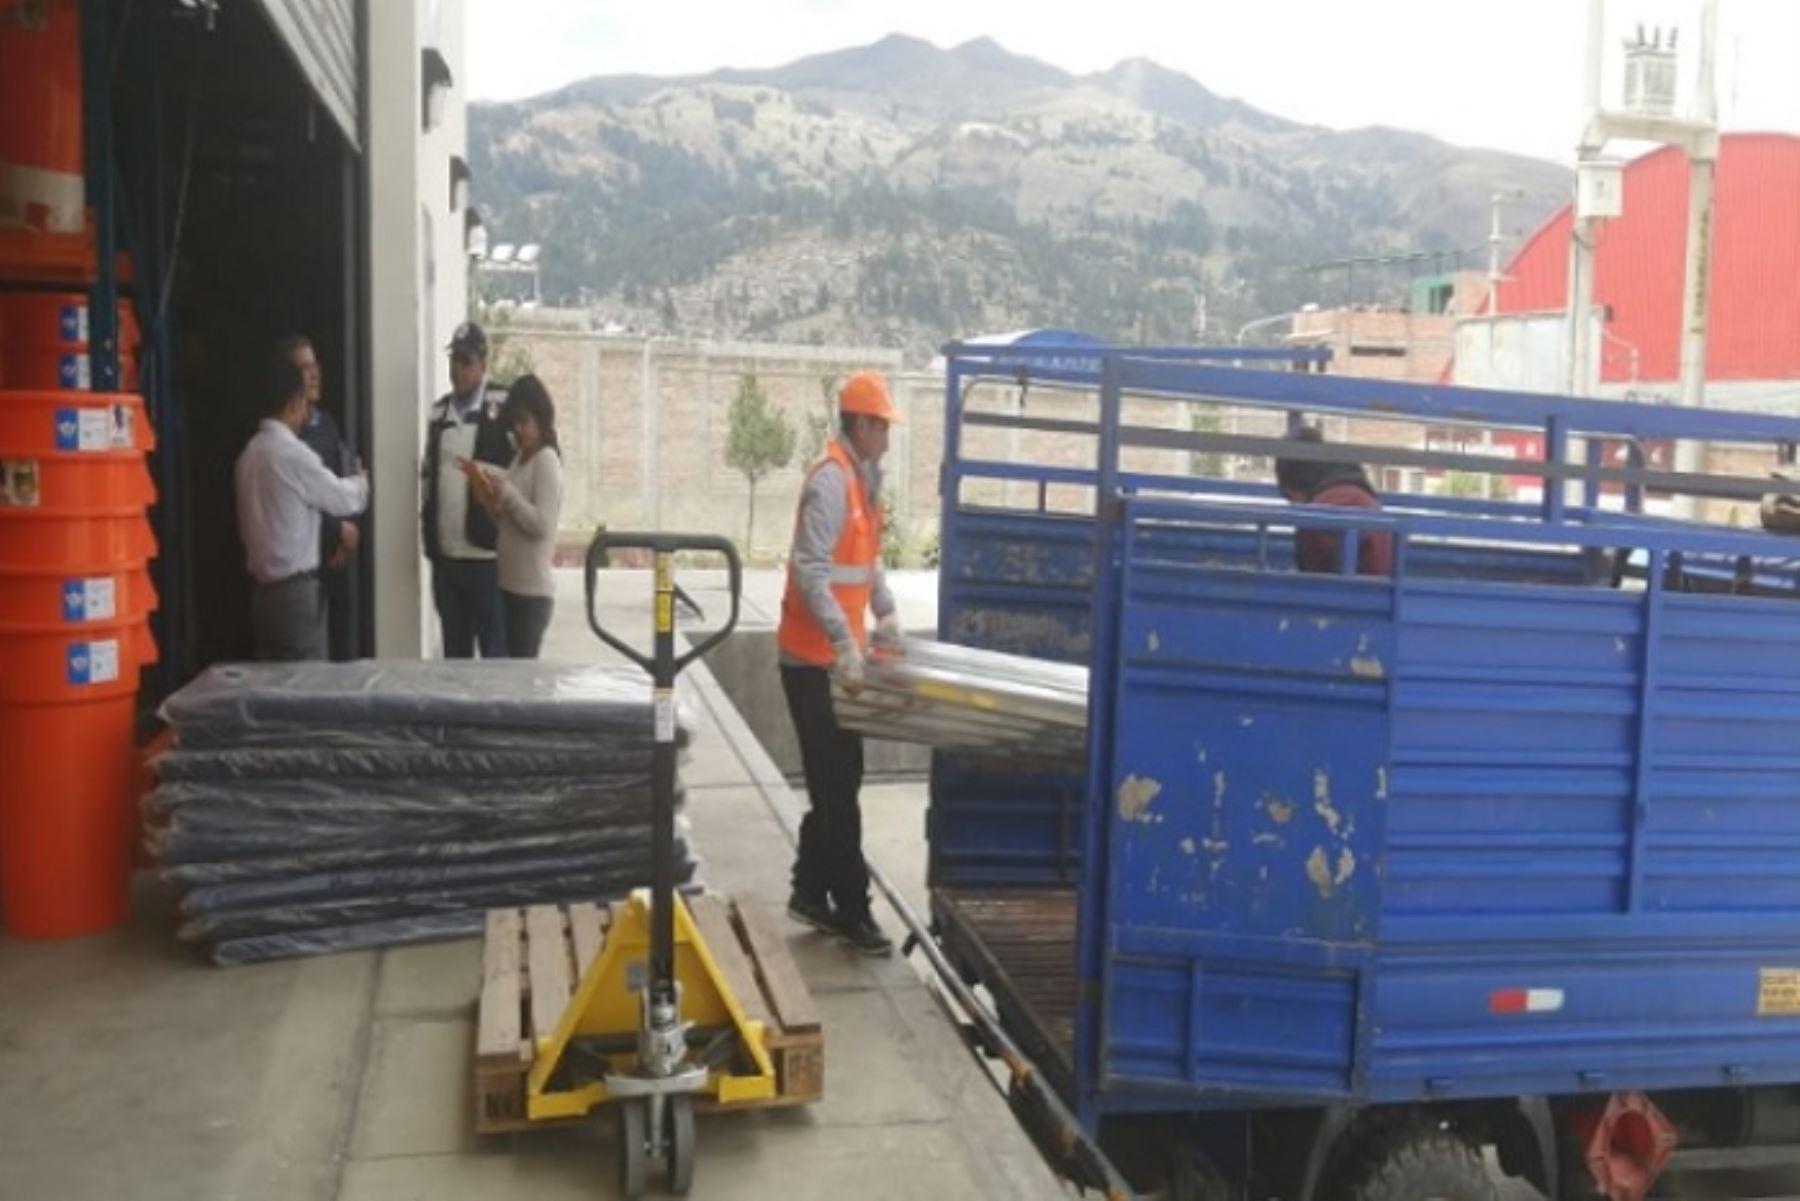 La ayuda humanitaria partió del almacén de avanzada del Gobierno Regional de Áncash y consistió en camas plegables, colchones, frazadas, bobinas de plástico, implementos de cocina y menaje.